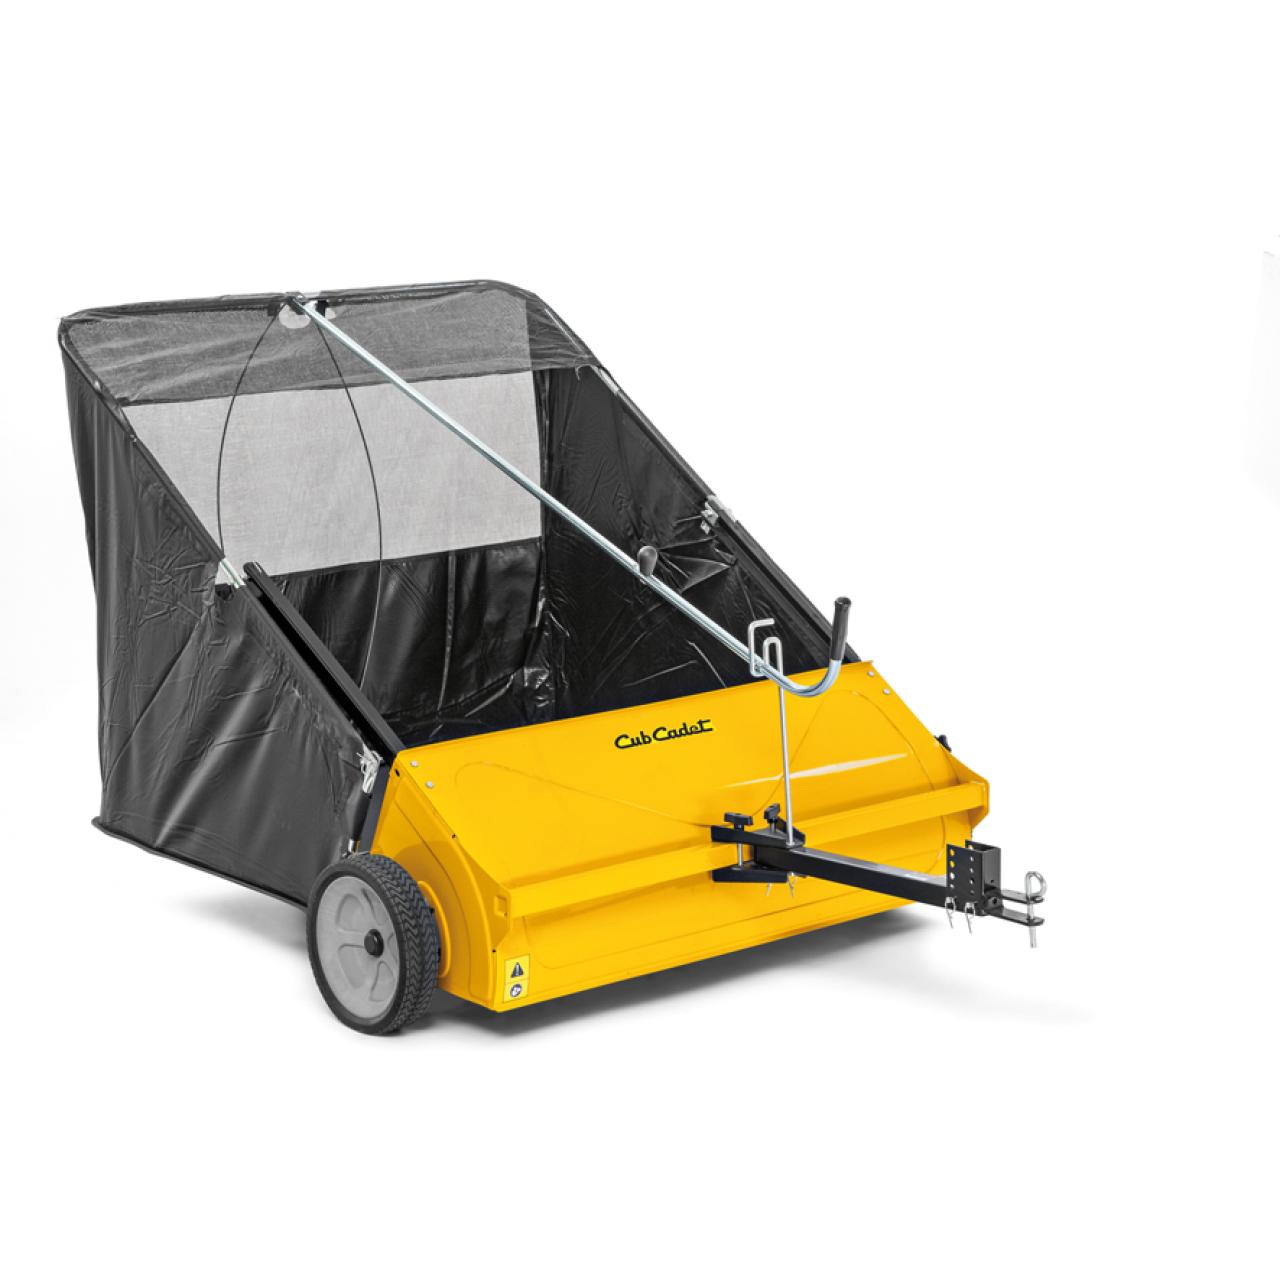 Anhänge-, Rasen- und Laubkehrmaschine